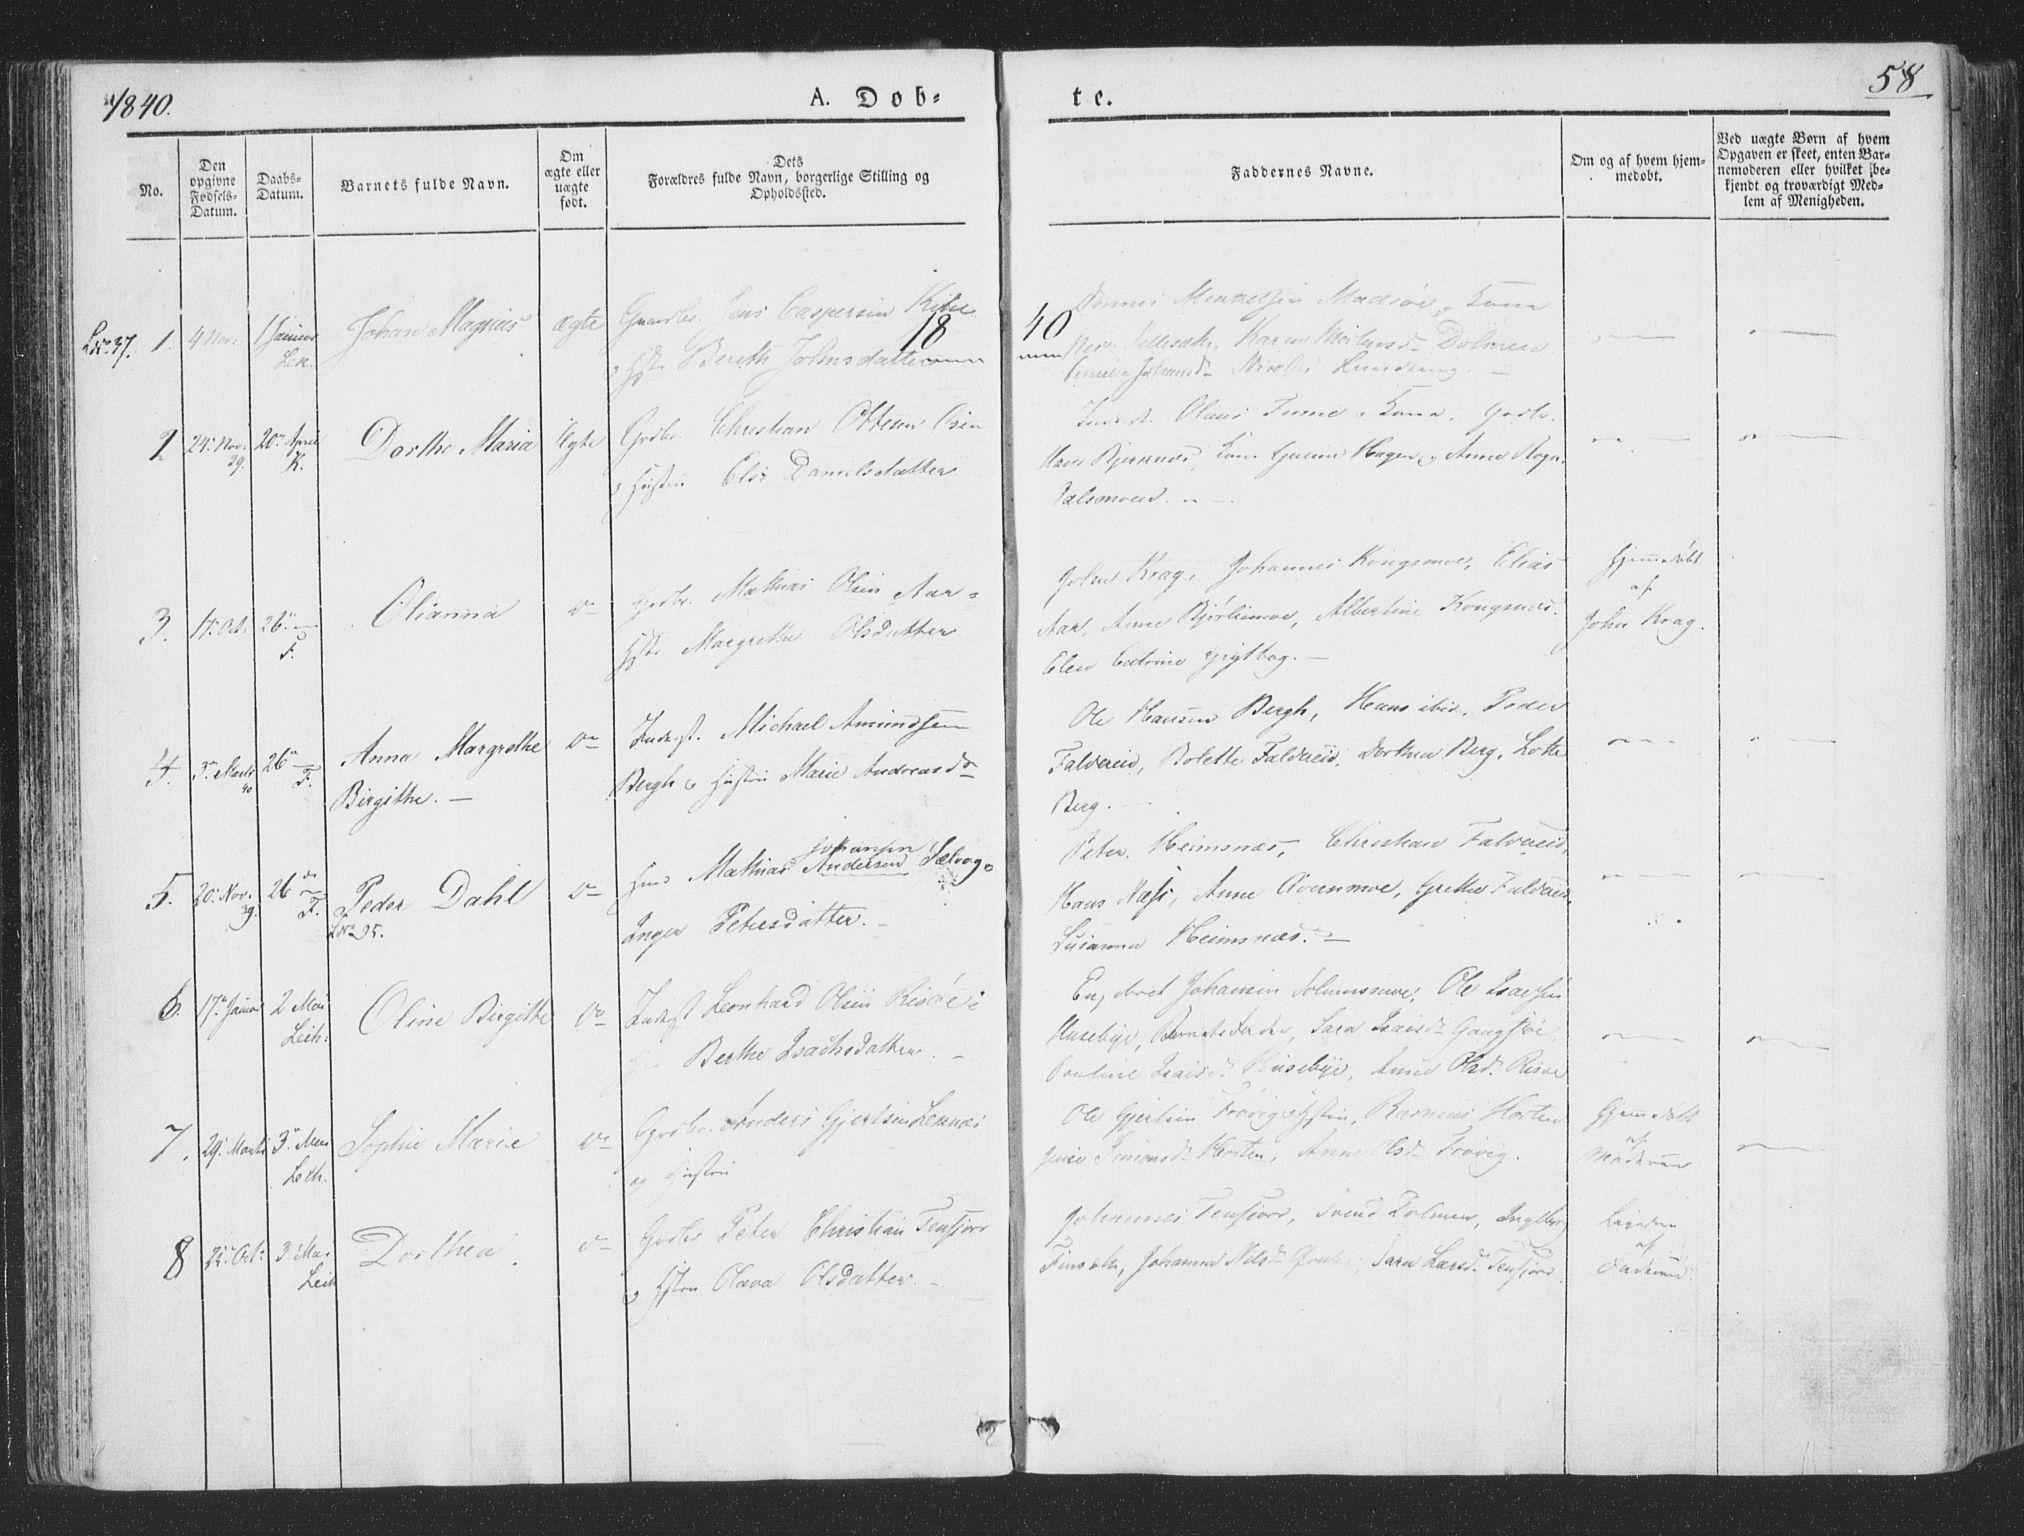 SAT, Ministerialprotokoller, klokkerbøker og fødselsregistre - Nord-Trøndelag, 780/L0639: Ministerialbok nr. 780A04, 1830-1844, s. 58